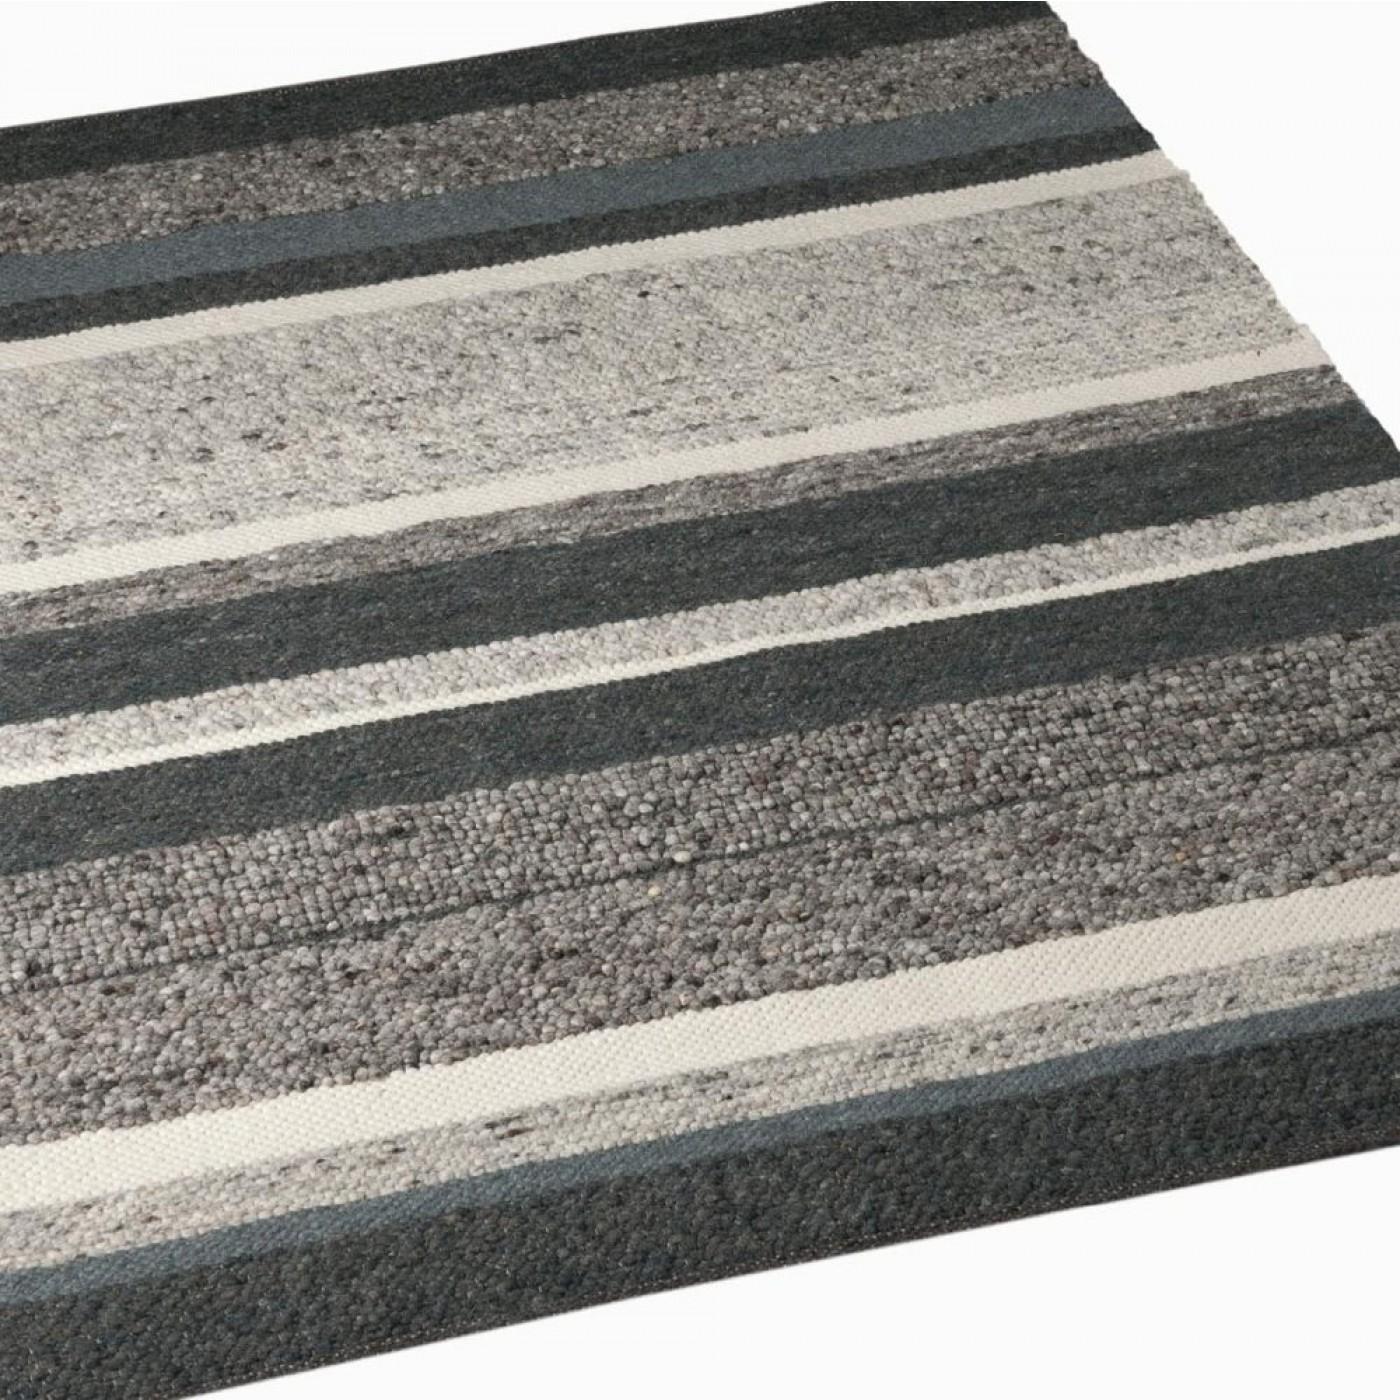 STEP DESIGN A grey